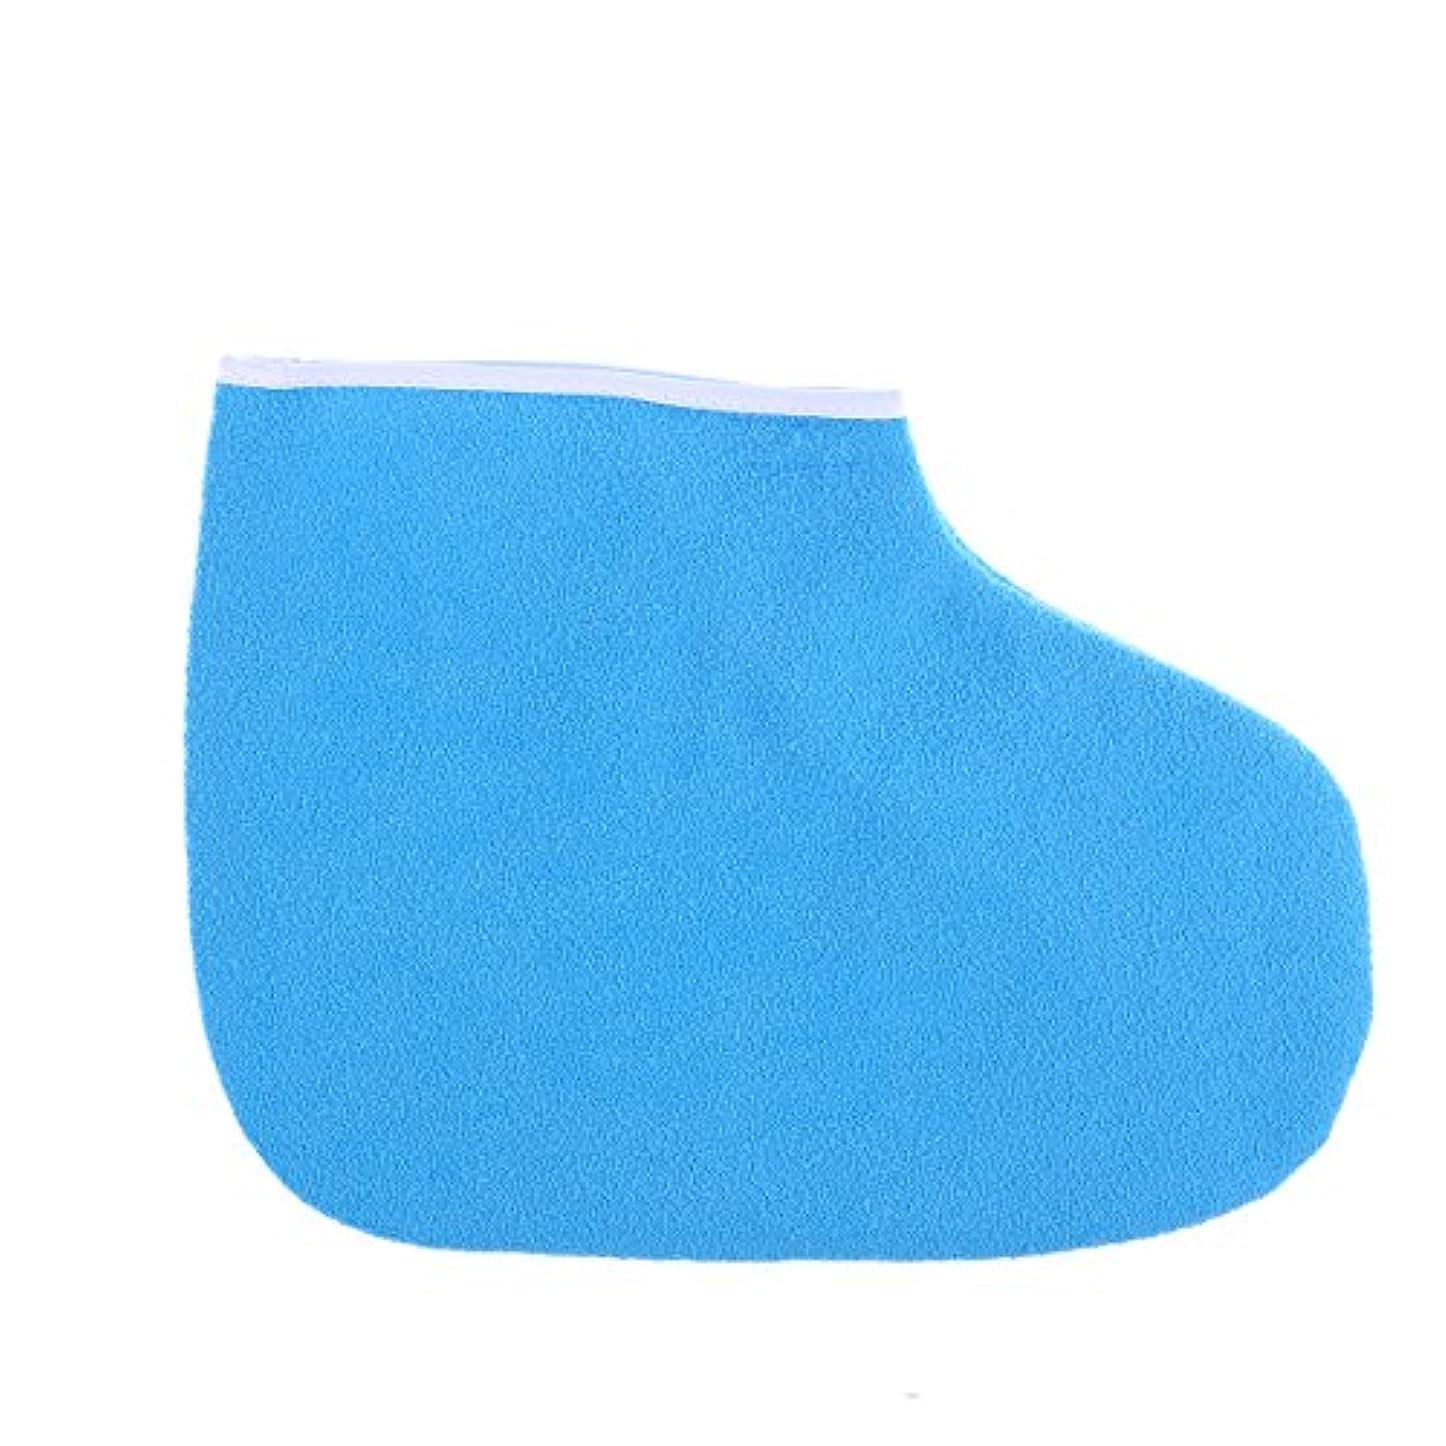 洗剤肌詩HEALLILY パラフィンブーティワックスバスフットスパカバー温熱療法絶縁ソフトコットン保湿フットストラップ(ブルー)